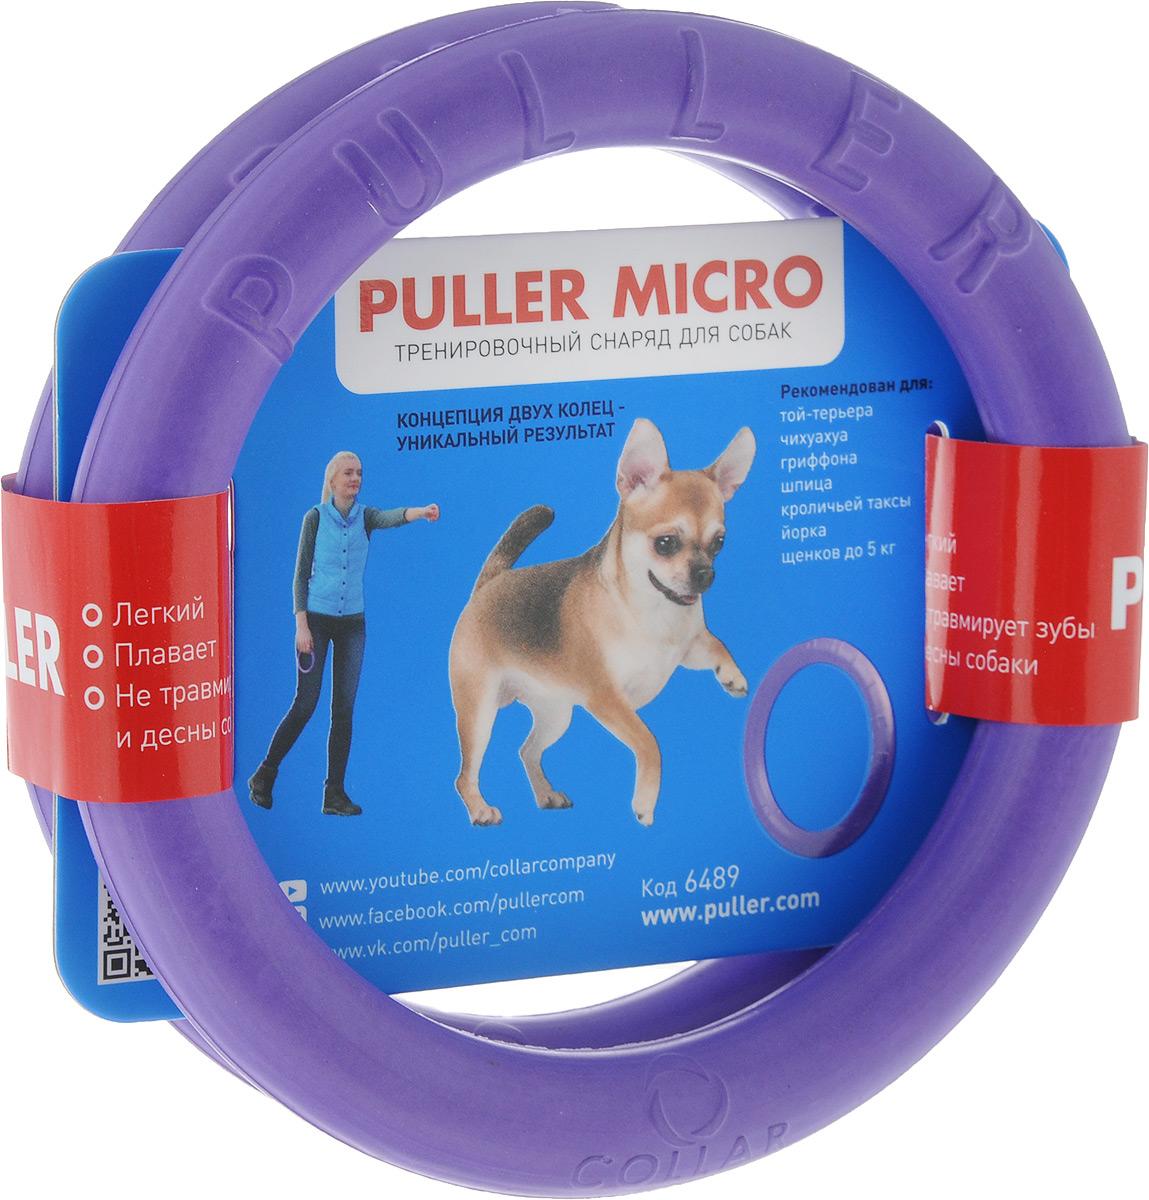 Снаряд тренировочный Puller Micro, для собак, диаметр 13 см0120710Тренировочный снаряд Puller Micro, выполненный из высококачественного полимера, предназначен для мелких и декоративных пород собак. Изделие укрепляет здоровье собаки и делает ее более послушной.Puller Micro - тренировочный снаряд для собак, состоящий из двух колец. Его задача - дать собаке необходимую физическую нагрузку, не увеличивая время выгула, а улучшая качество самой прогулки. Три простых упражнения с пуллером в течение всего 20 минут дадут нагрузку собаке равную 5 км бега. А это поможет решить такие частые проблемы как непослушание, порча предметов интерьера, излишняя агрессия, ожирение у собаки, болезни опорно-двигательного аппарата.Рекомендован для: - той-терьер, - чихуахуа, - гриффона,- шпица,- кроличьей таксы,- йорка,- щенков до 5 кг.кольДиаметр: 13 см.